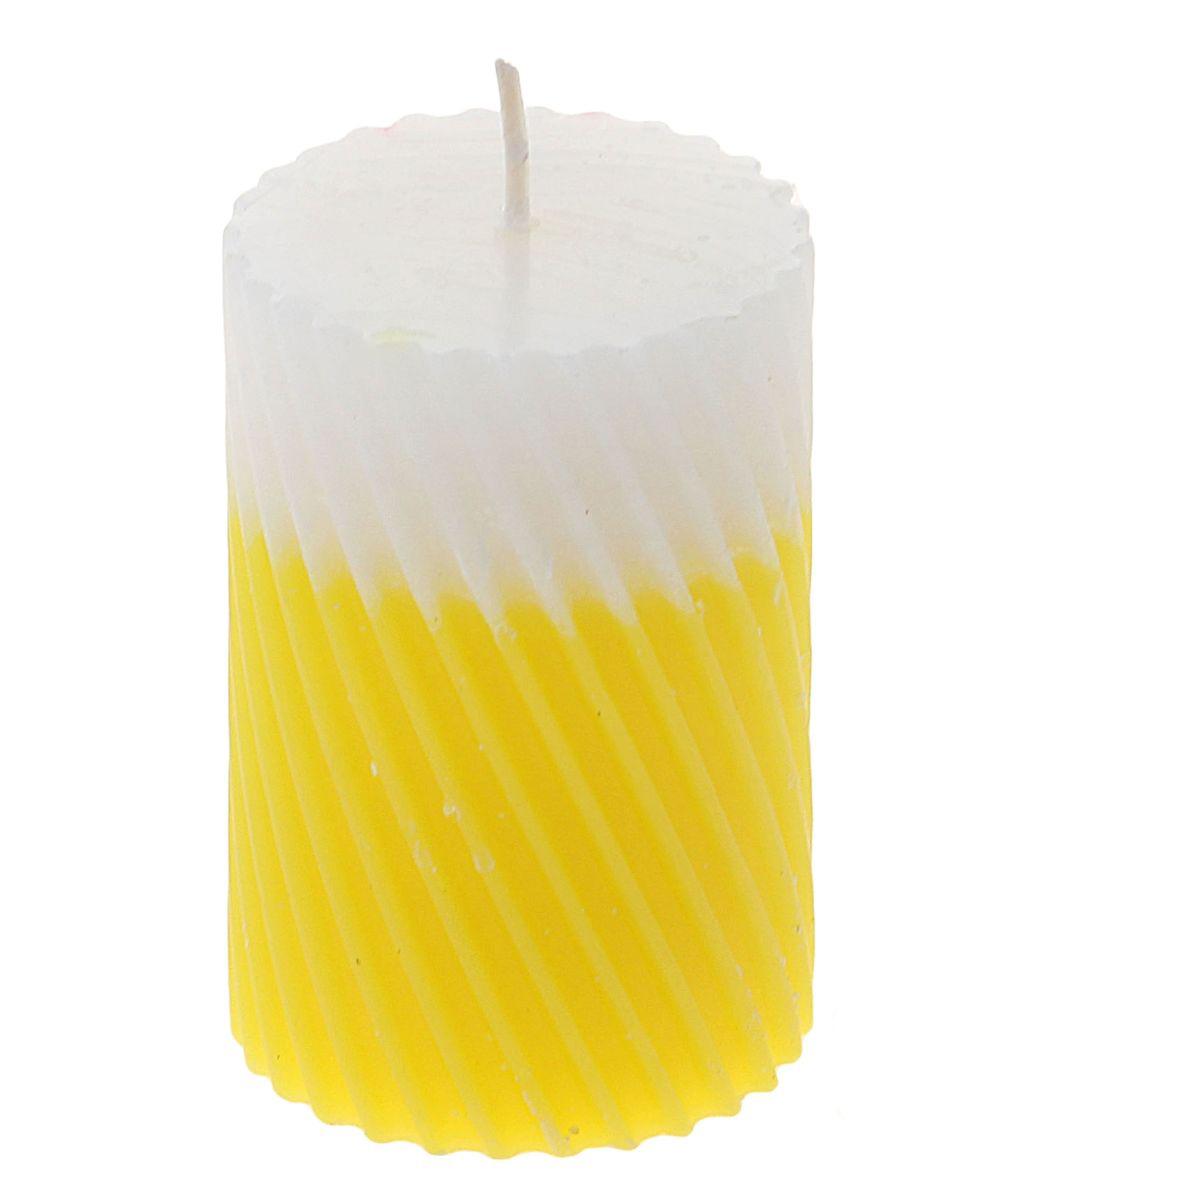 Свеча ароматизированная Sima-land Манго, высота 7,5 см. 849532849532Свеча Sima-land Манго выполнена из воска и оформлена резным рельефом. Свеча порадует ярким дизайном и сочным ароматом манго, который понравится как женщинам, так и мужчинам. Создайте для себя и своих близких незабываемую атмосферу праздника в доме. Ароматическая свеча Sima-land Манго раскрасит серые будни яркими красками.